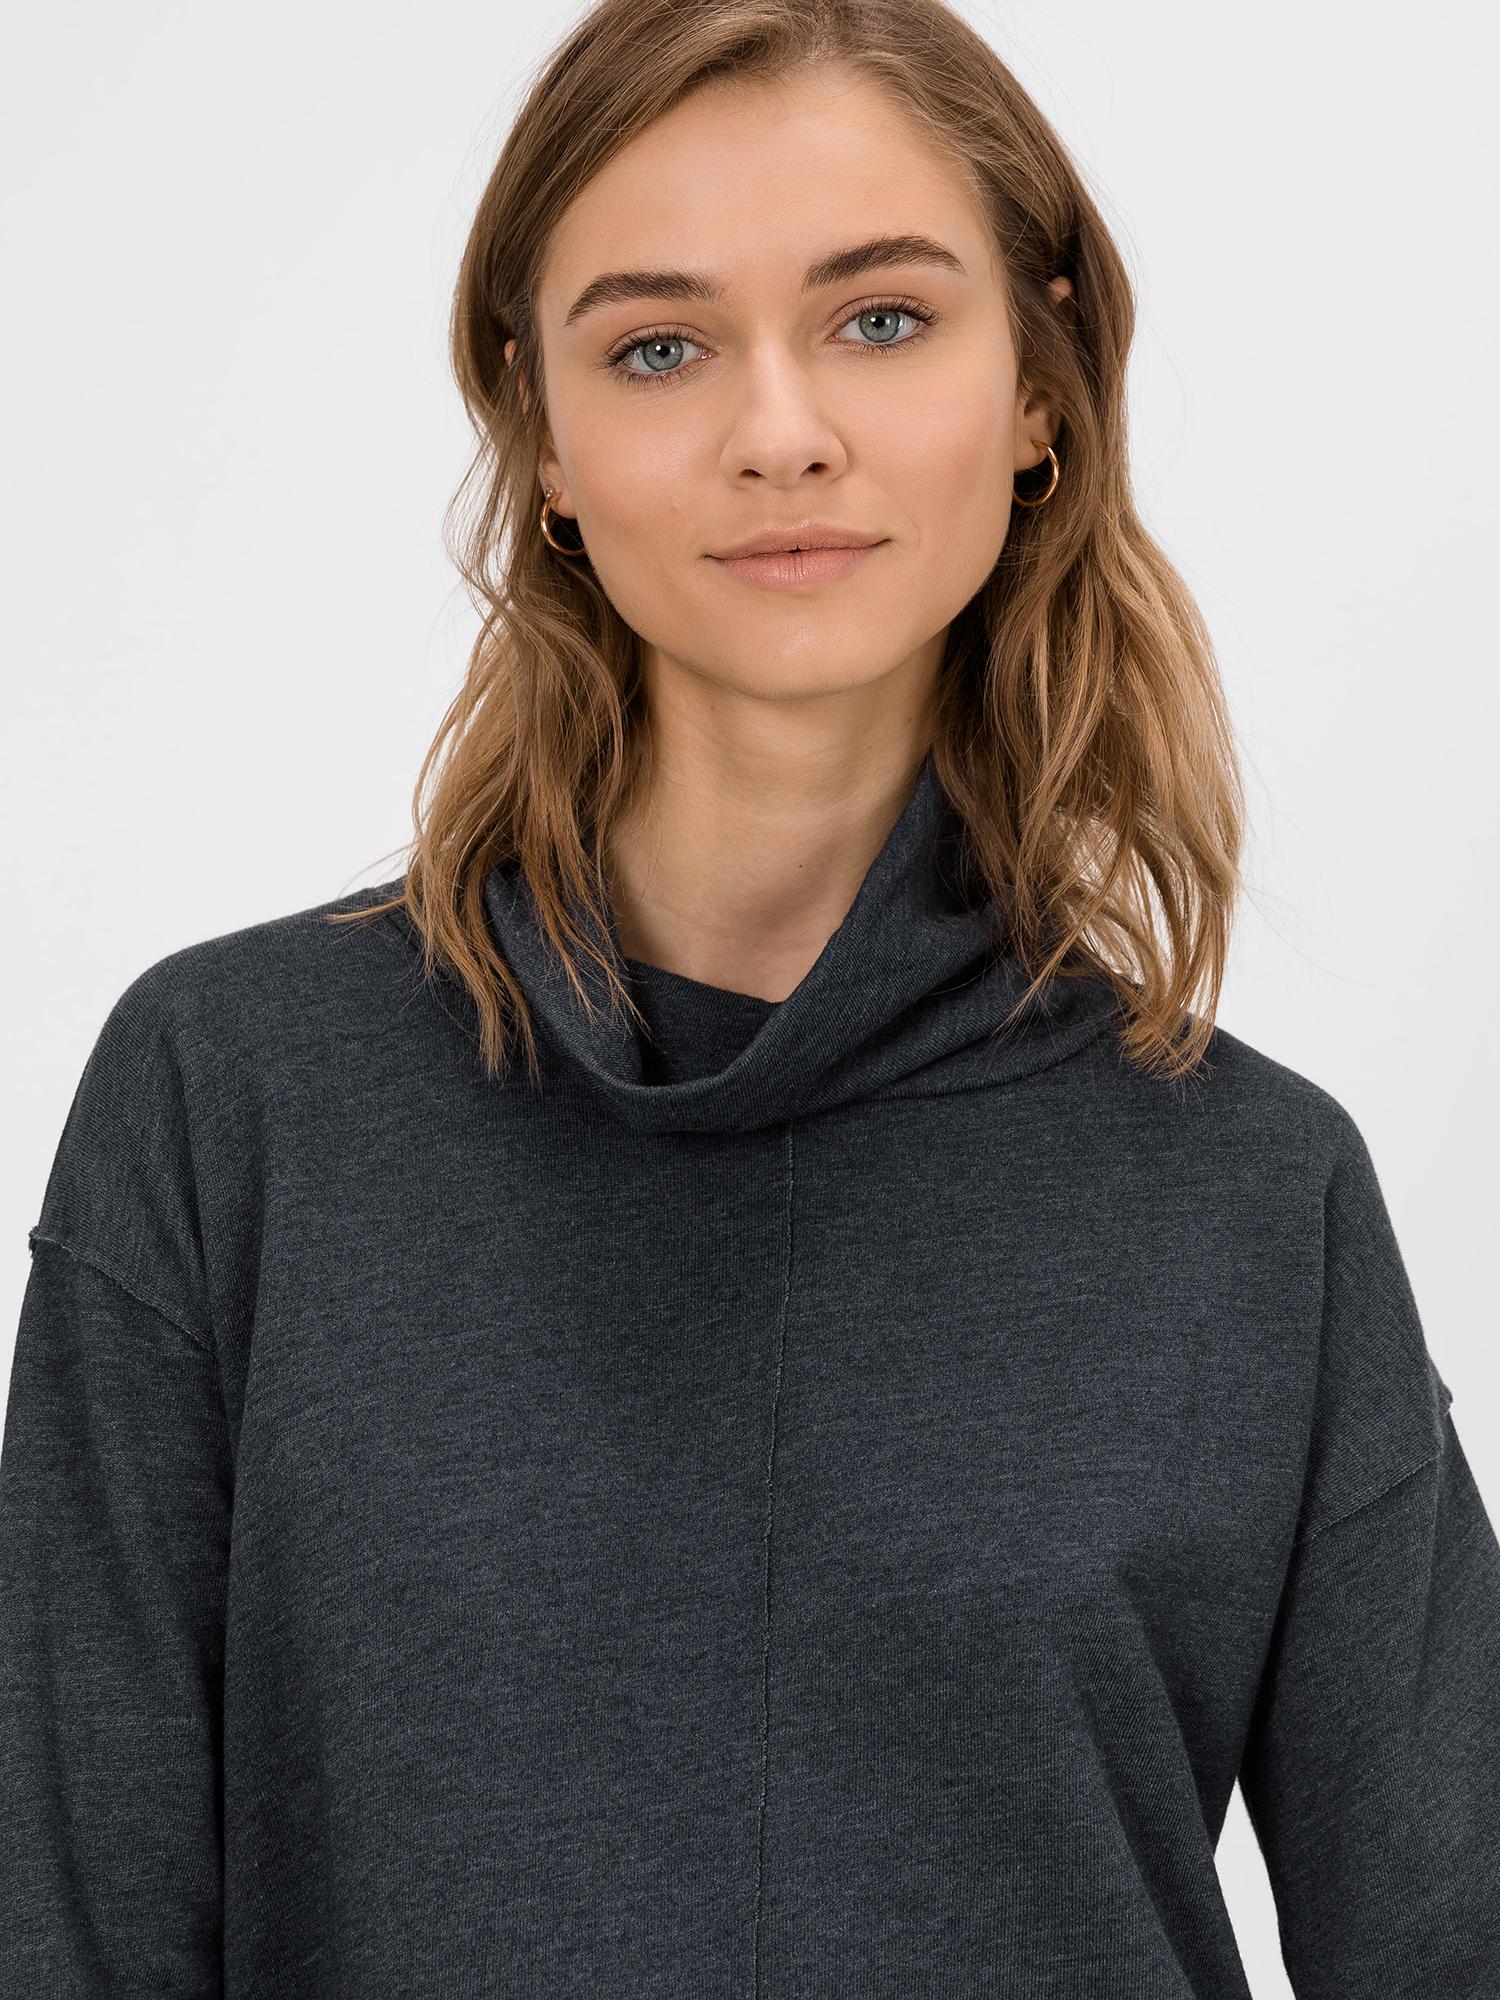 GAP blu da donna tunica